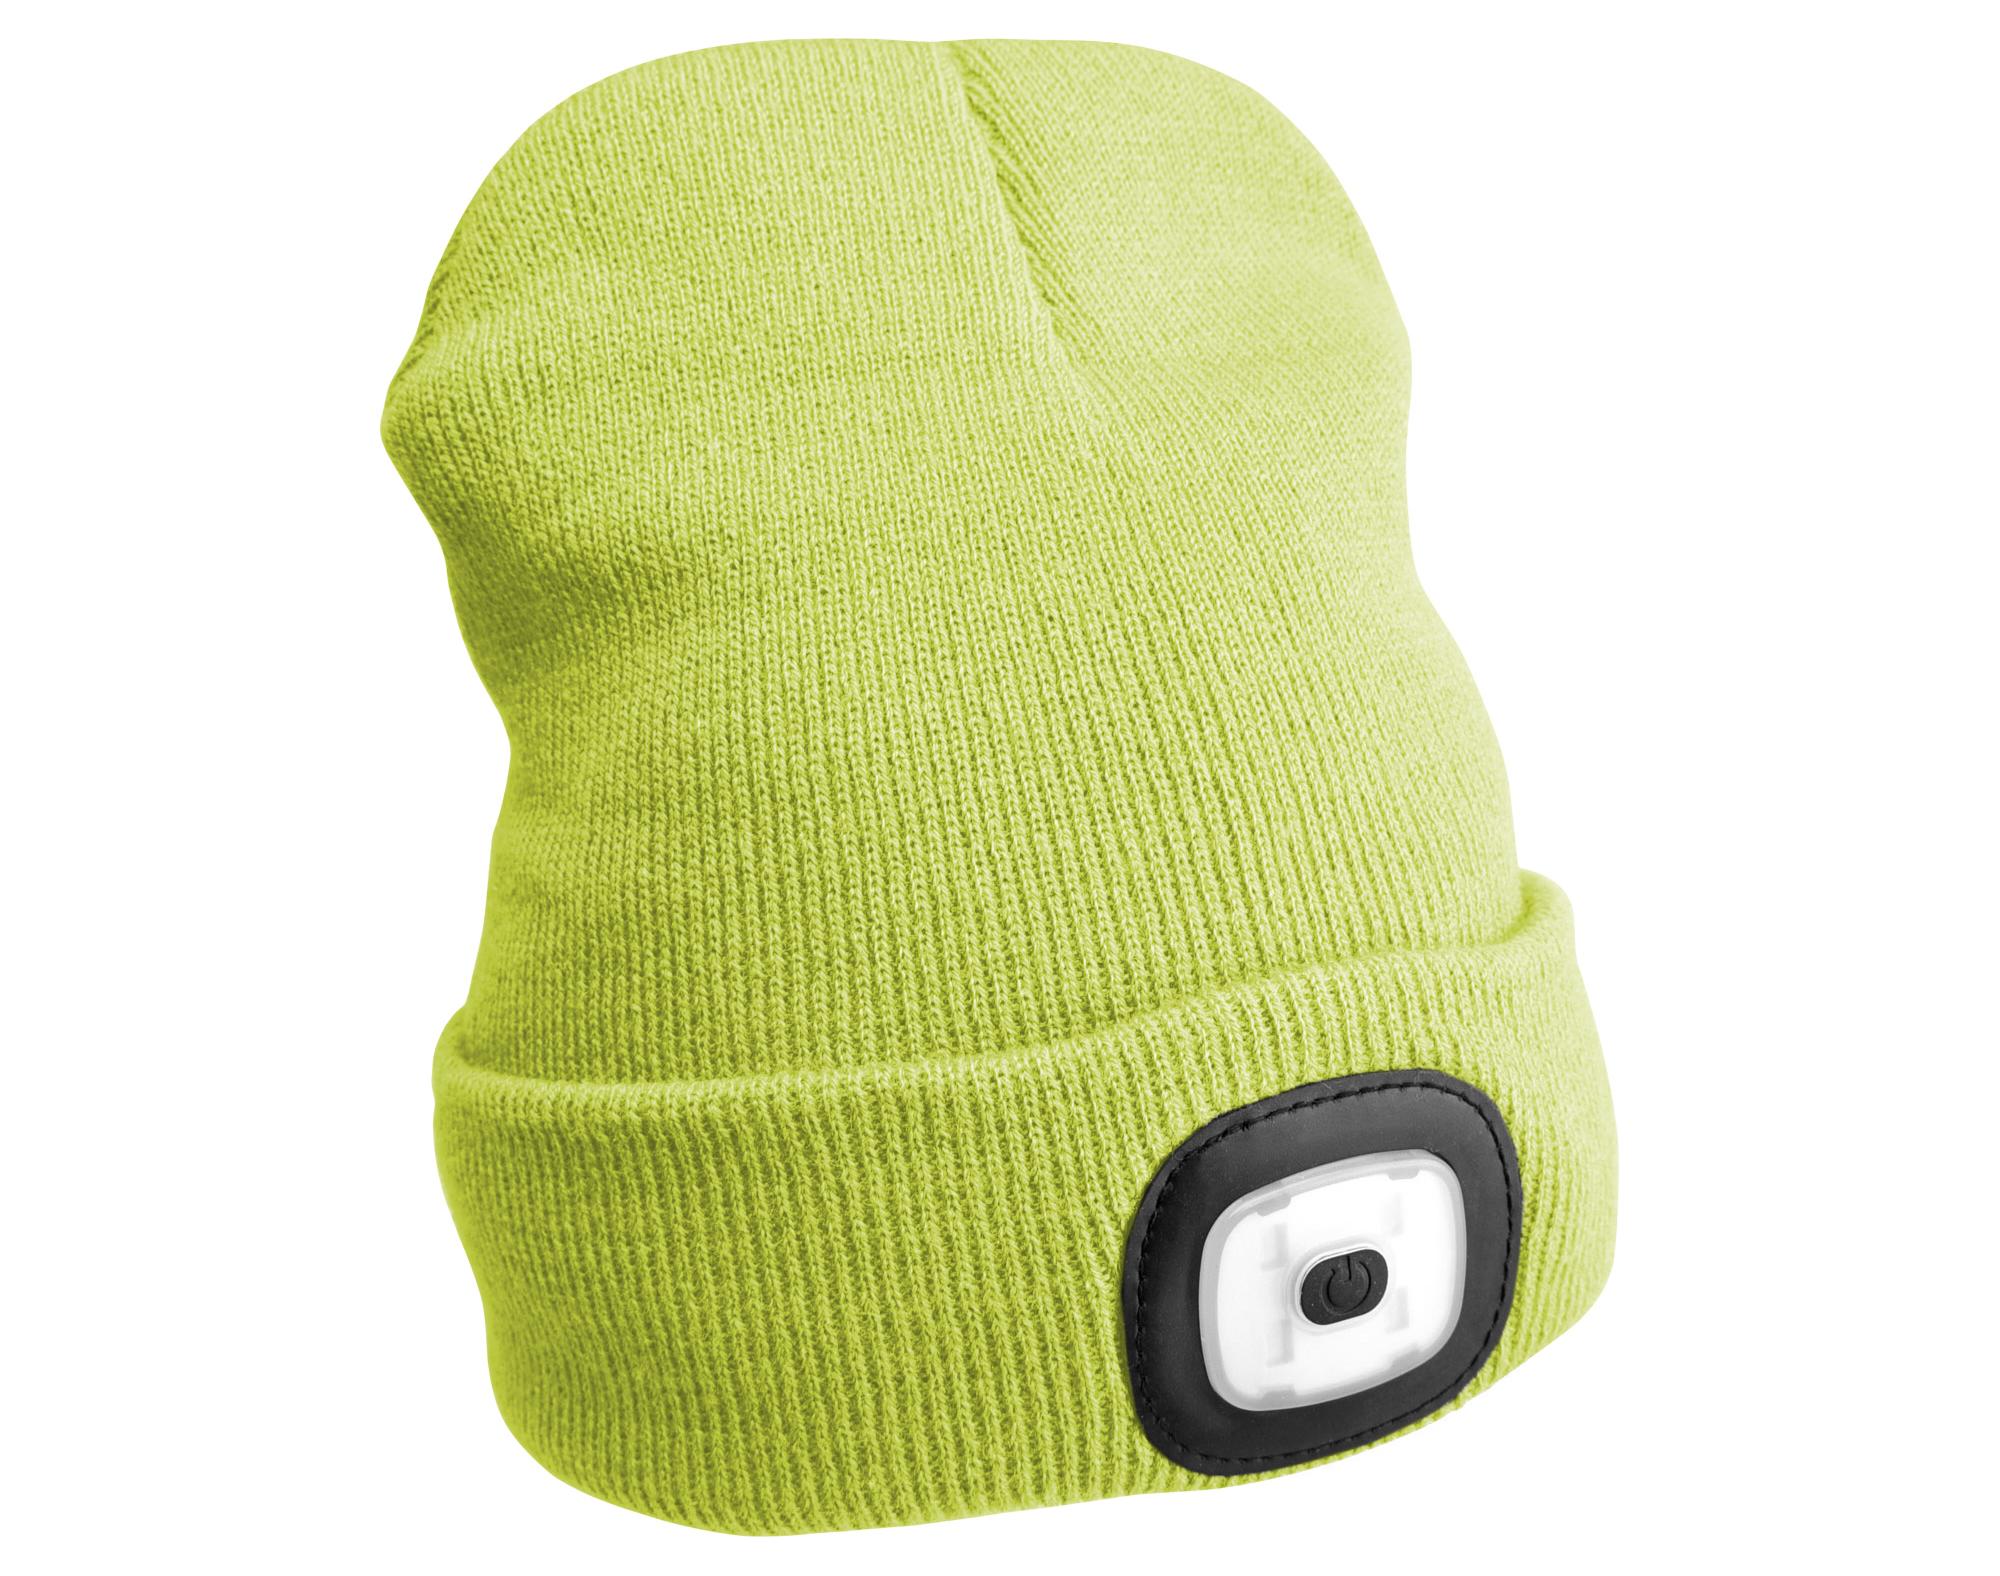 Čepice s čelovkou 45lm, nabíjecí, USB, univerzální velikost, fluorescentní žlutá SIXTOL